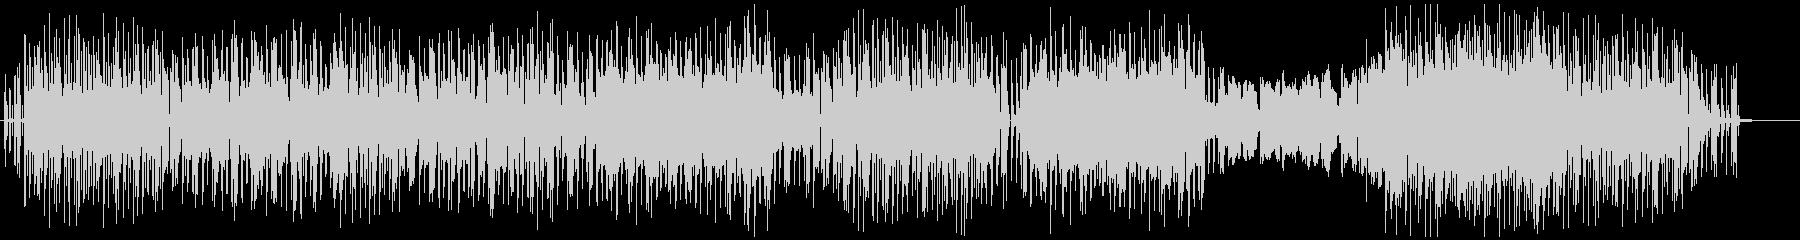 バンドサウンドによるゆったりしたポップスの未再生の波形